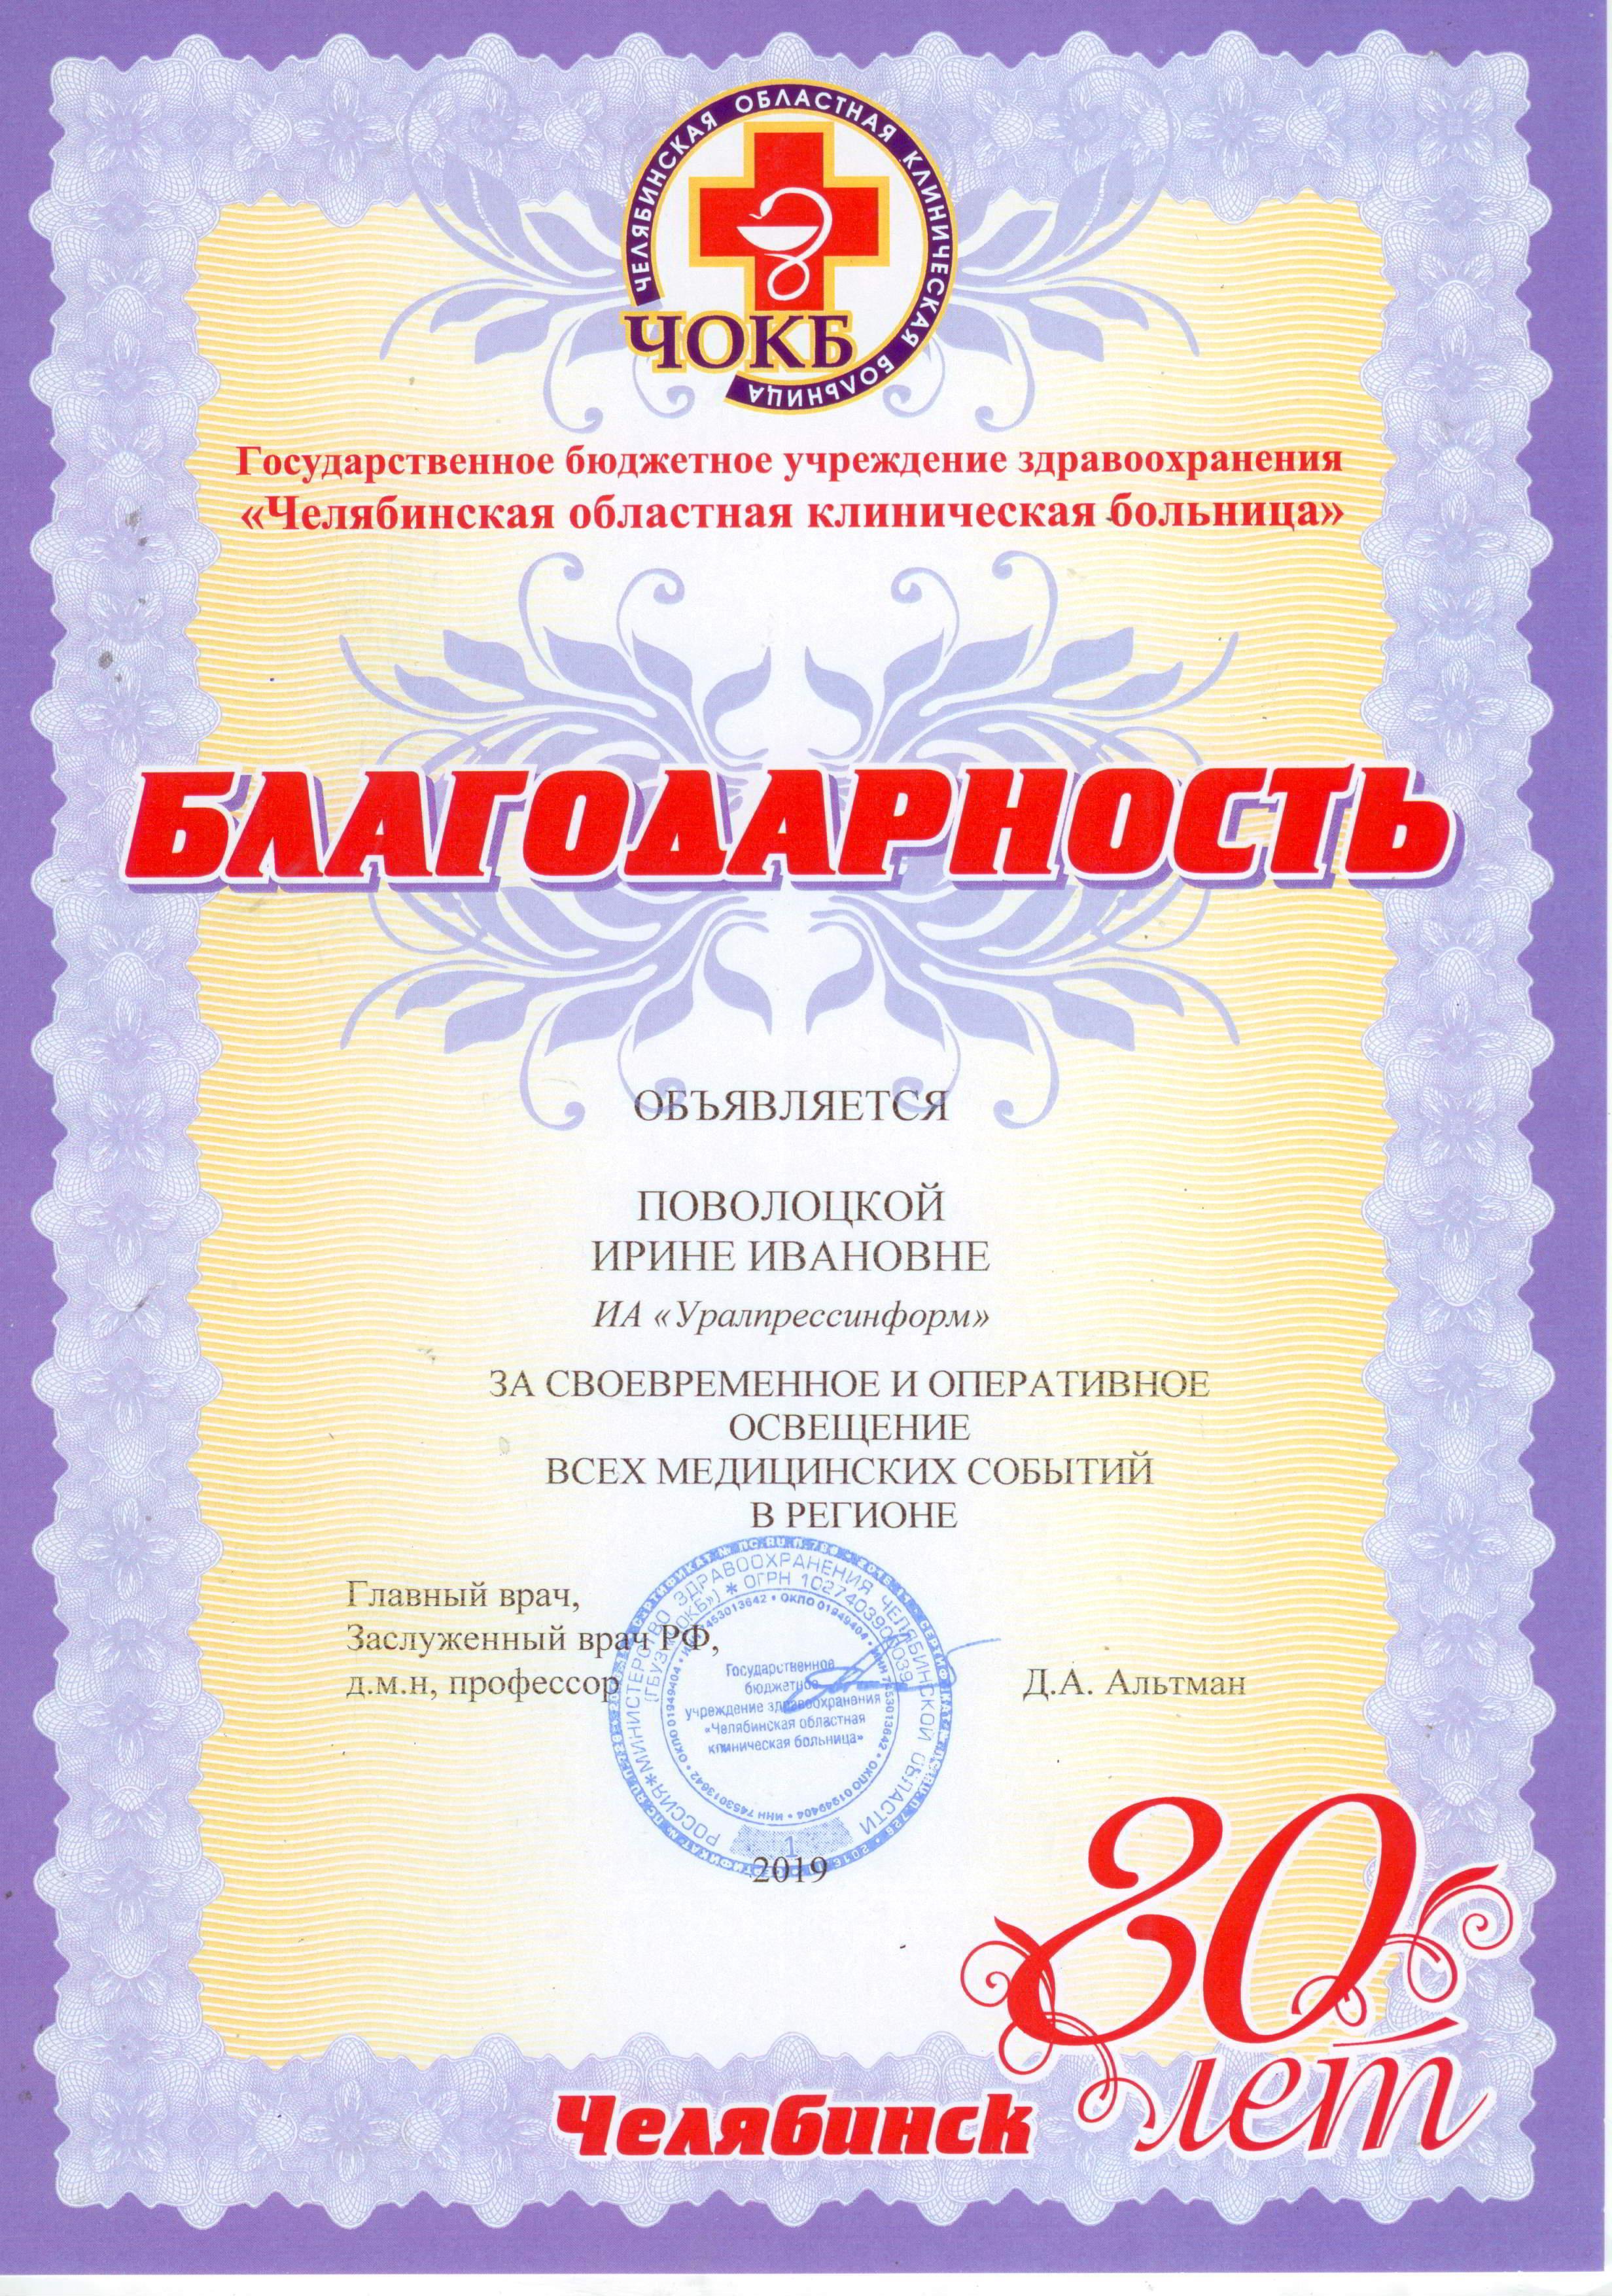 2019   Государственное бюджетное учреждение здравоохранения «Челябинская областная клиническая больница»